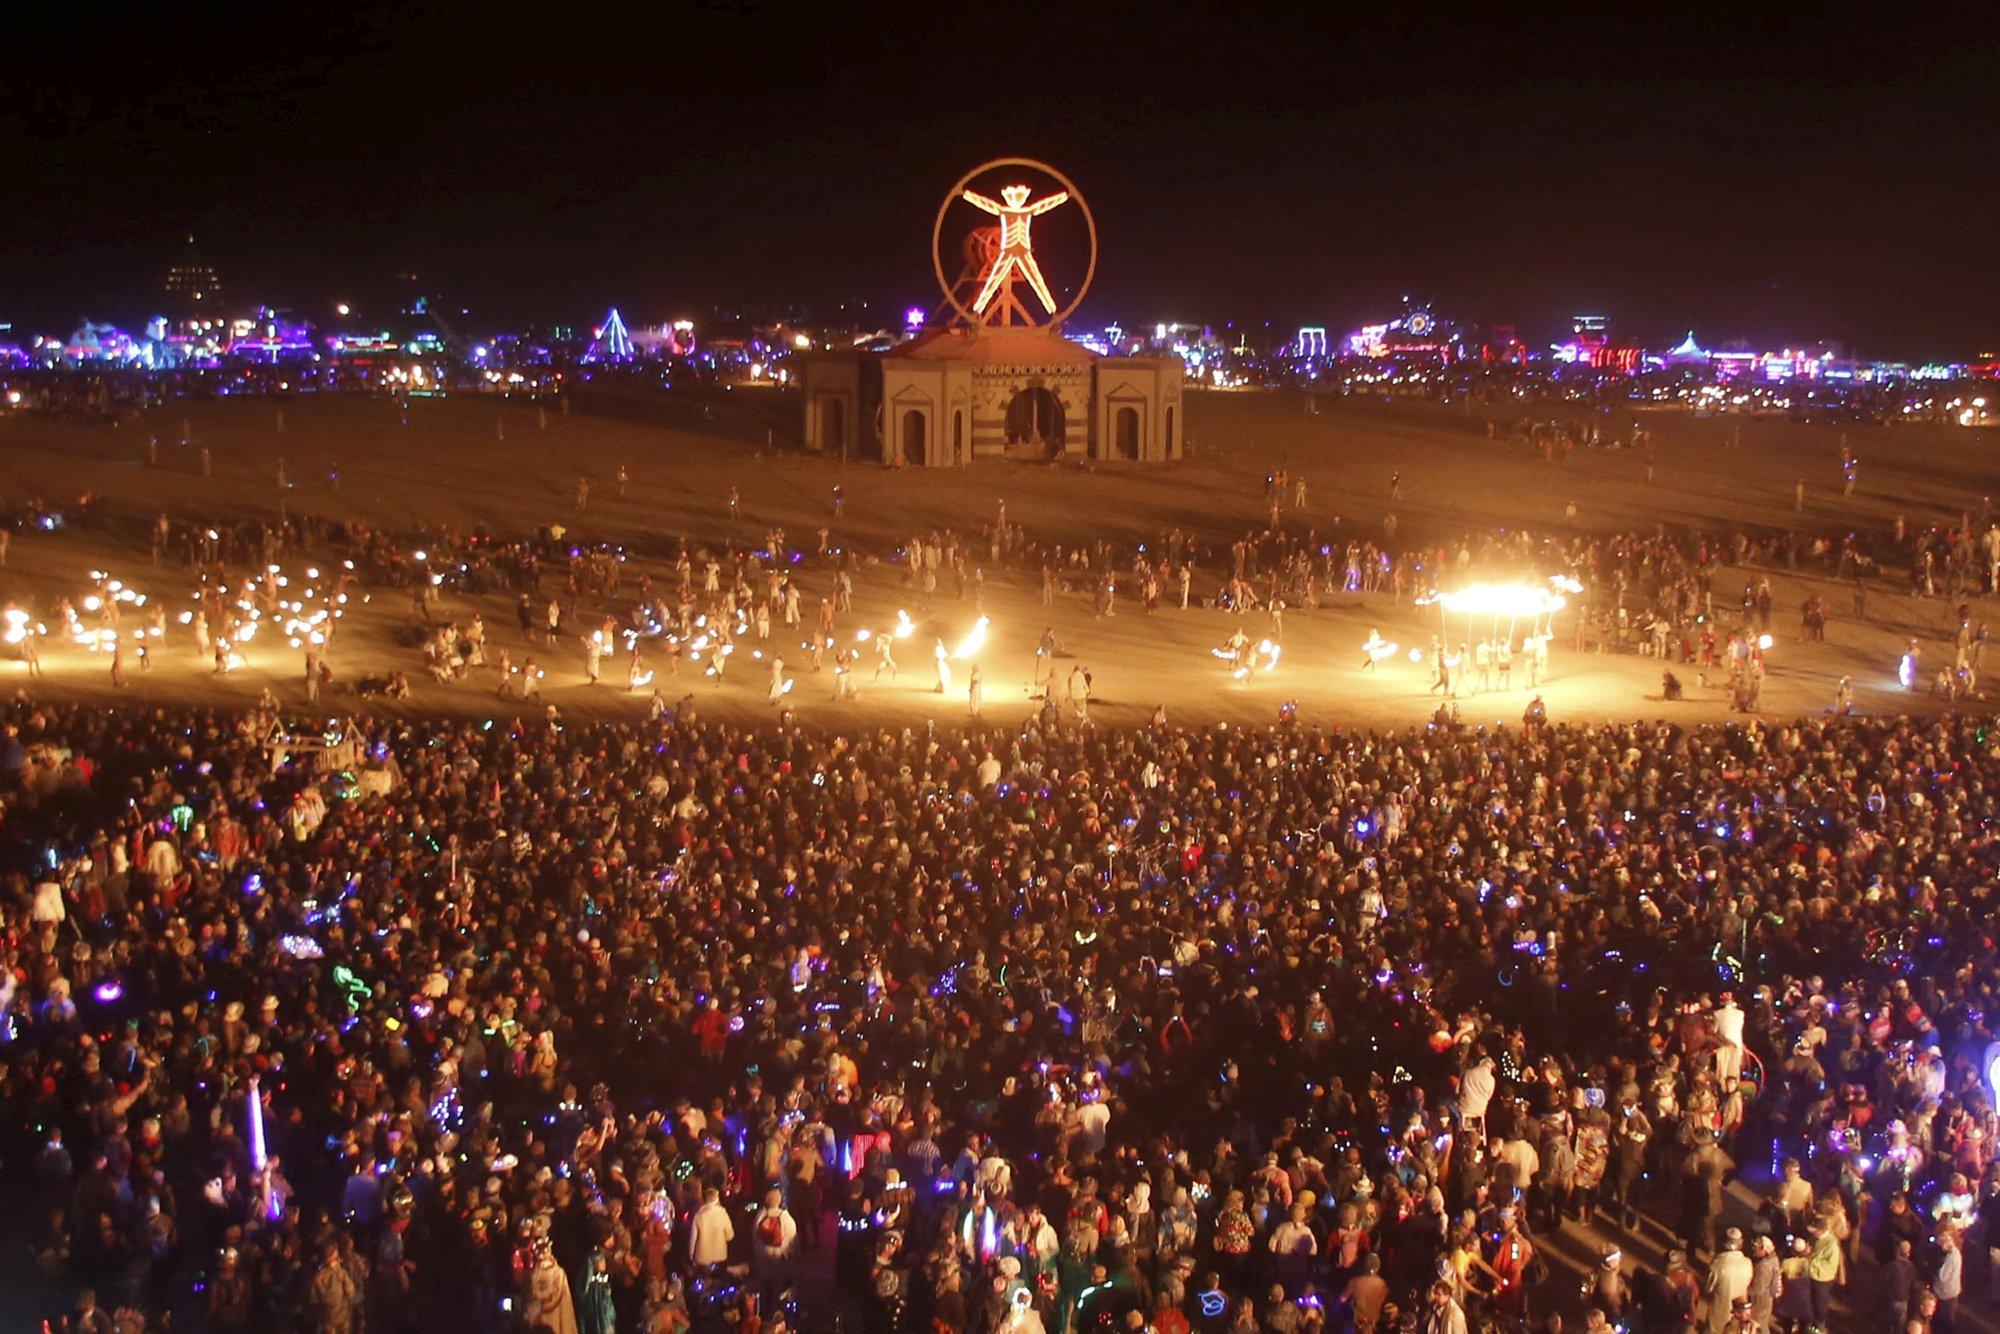 Música electrónica en el desierto: ¿conocés la Burning Man? - Radio Cantilo